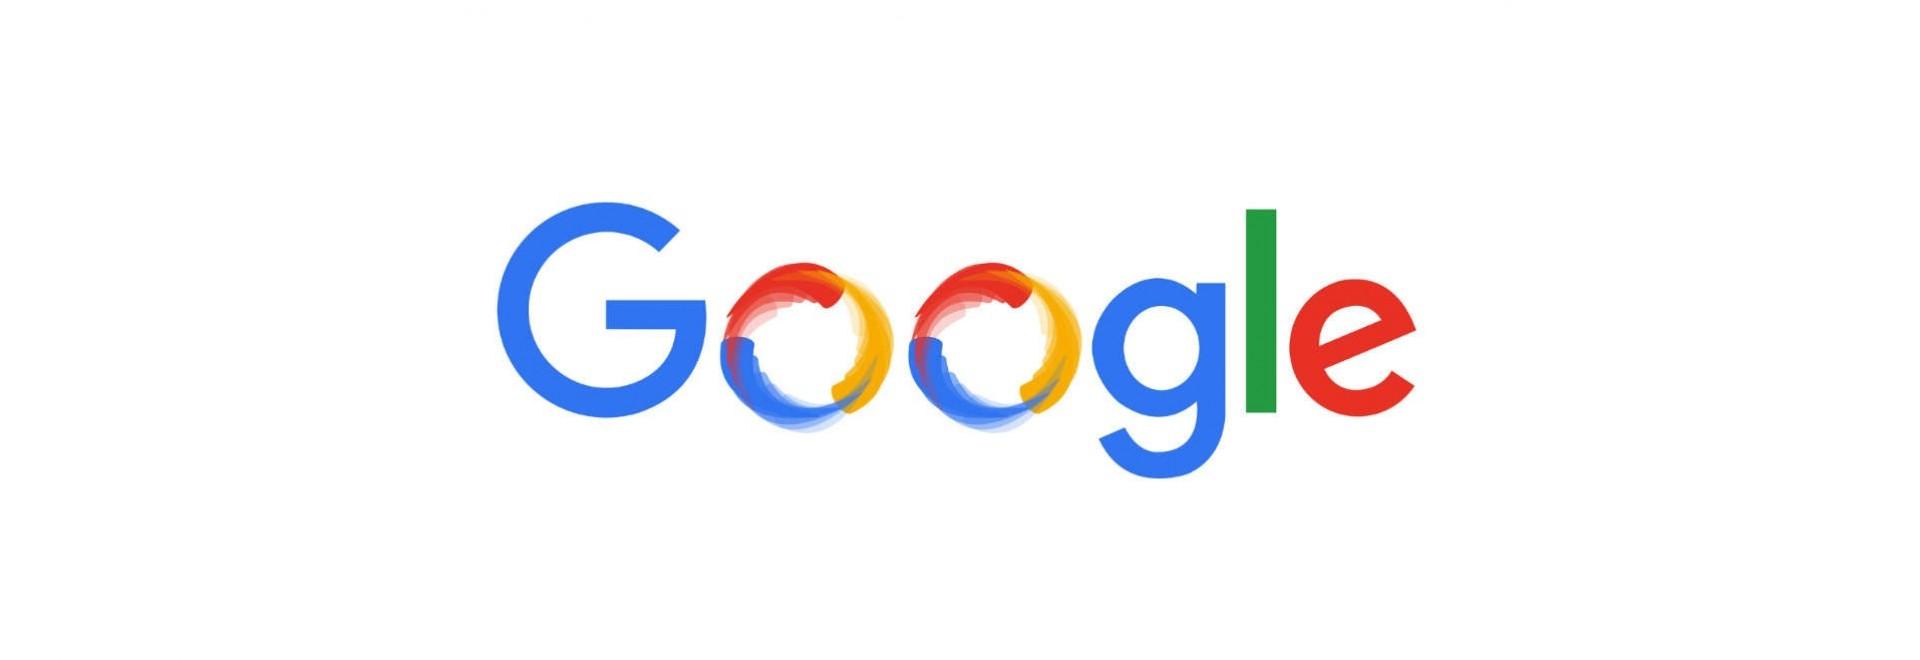 Google2 Hero Image